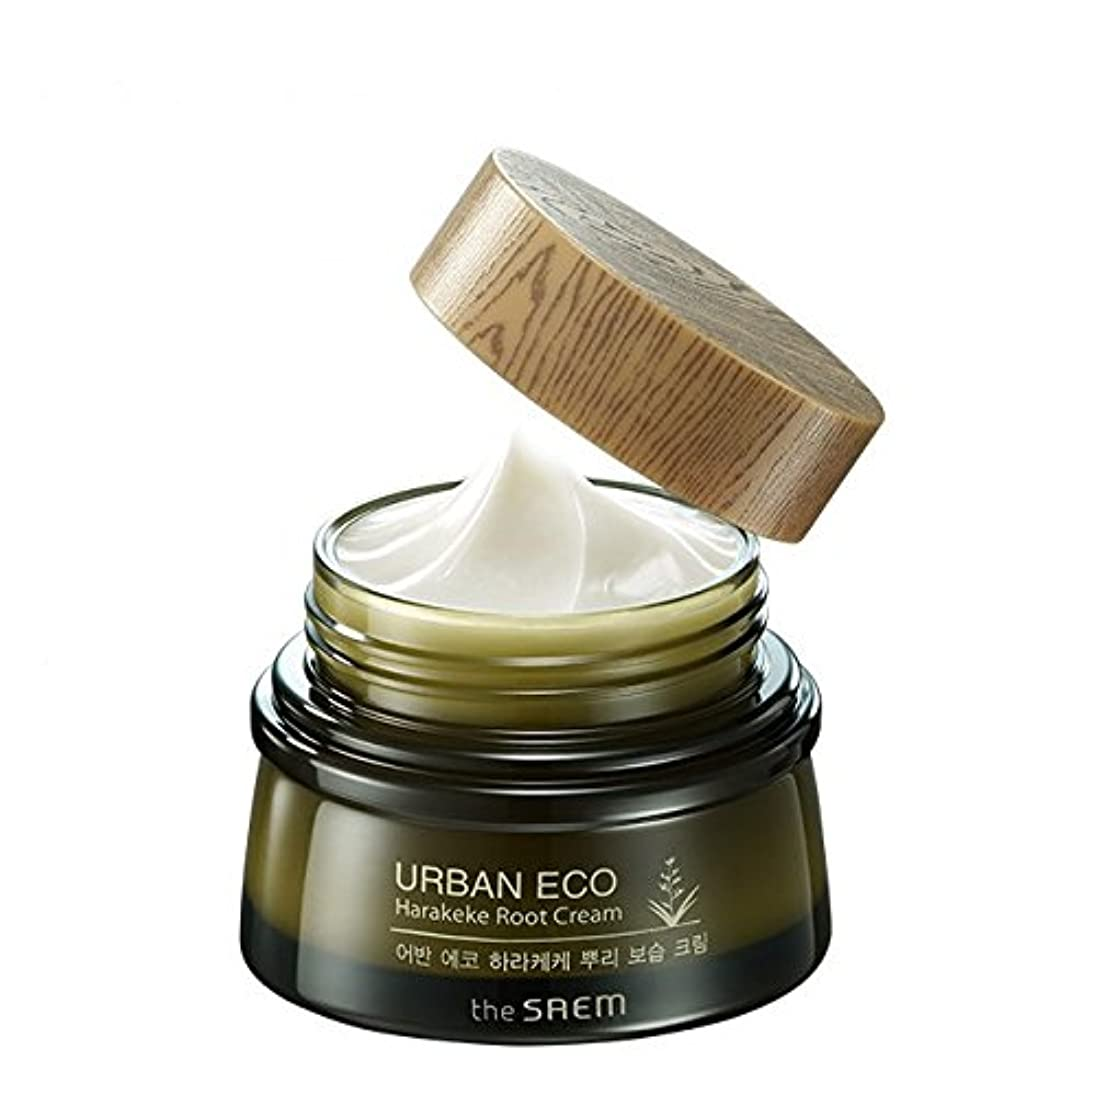 投獄ソロ期間[ザセム] The Saem [アーバンエコ ハラケケ 根保湿クリーム60ml (The Saem Urban Eco Harakeke Root Cream60ml)